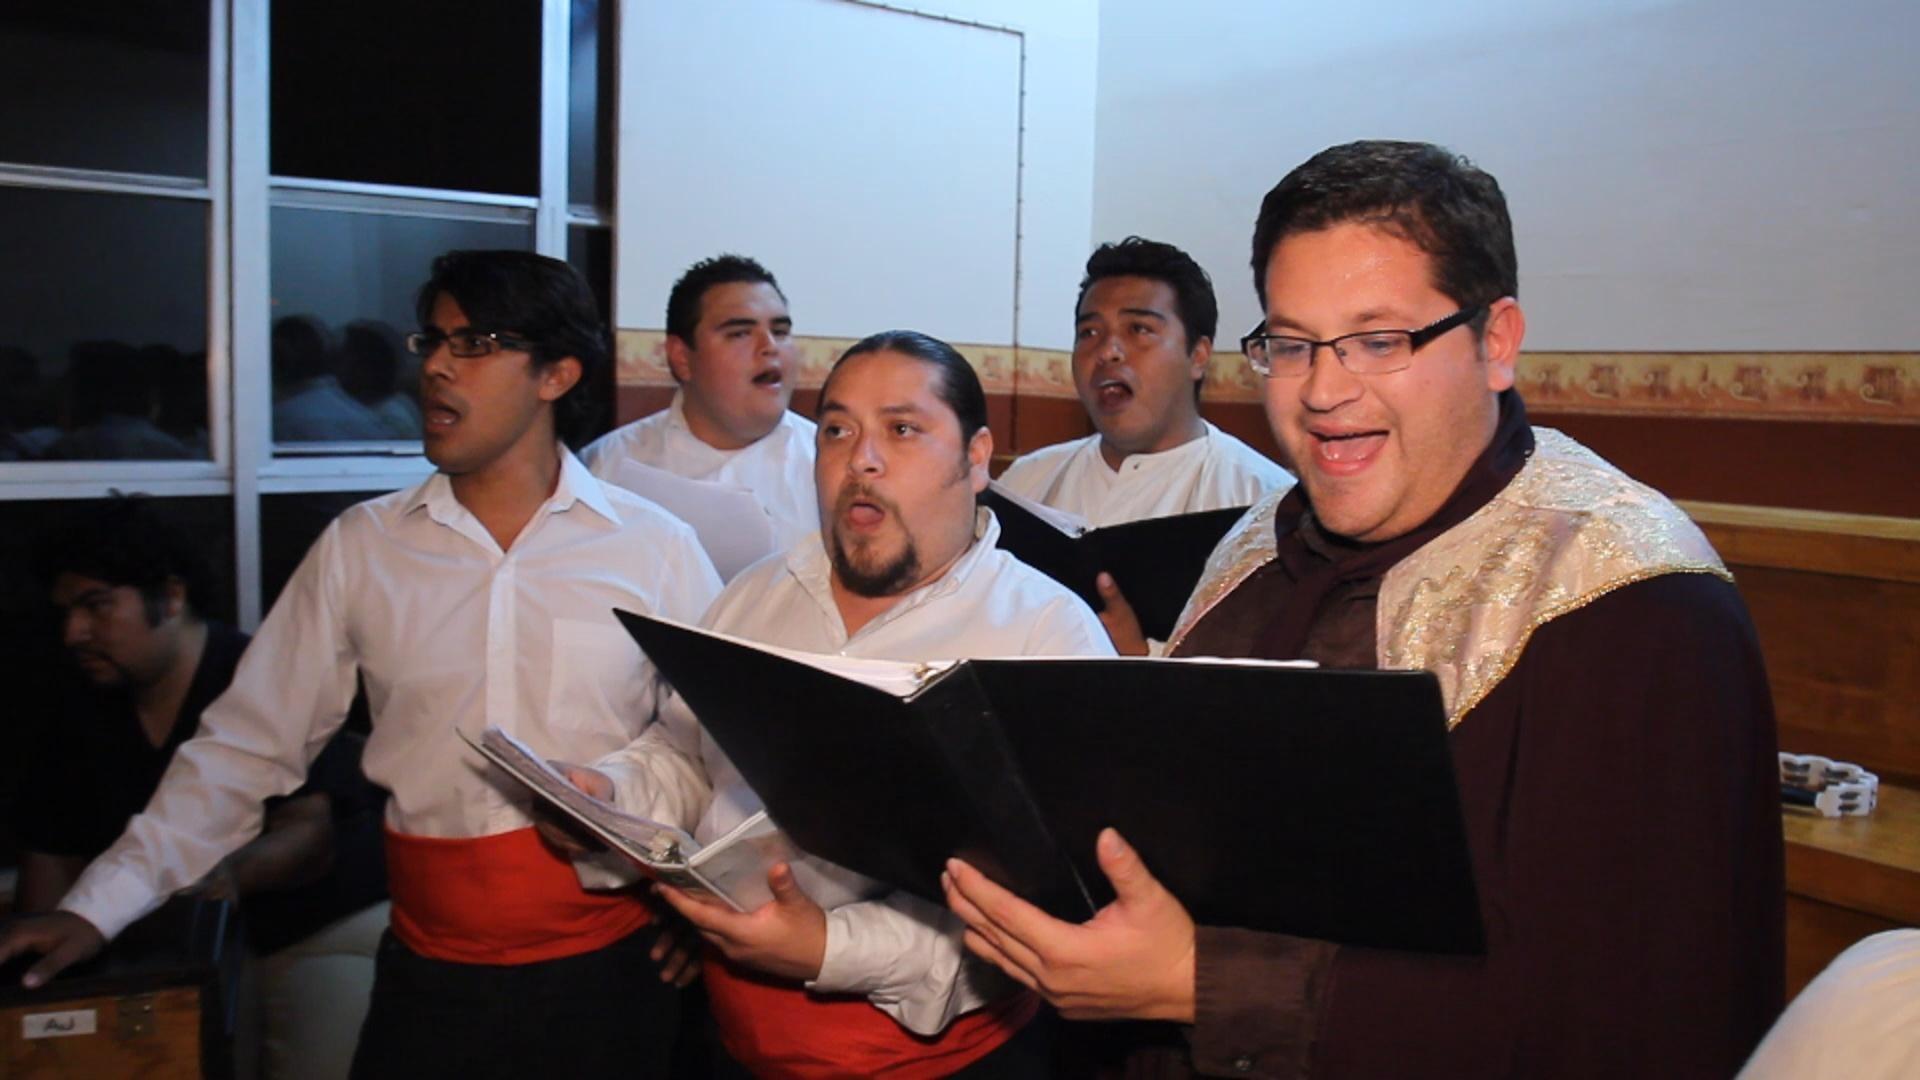 Tijuana Opera, Racetrack & Zoo image